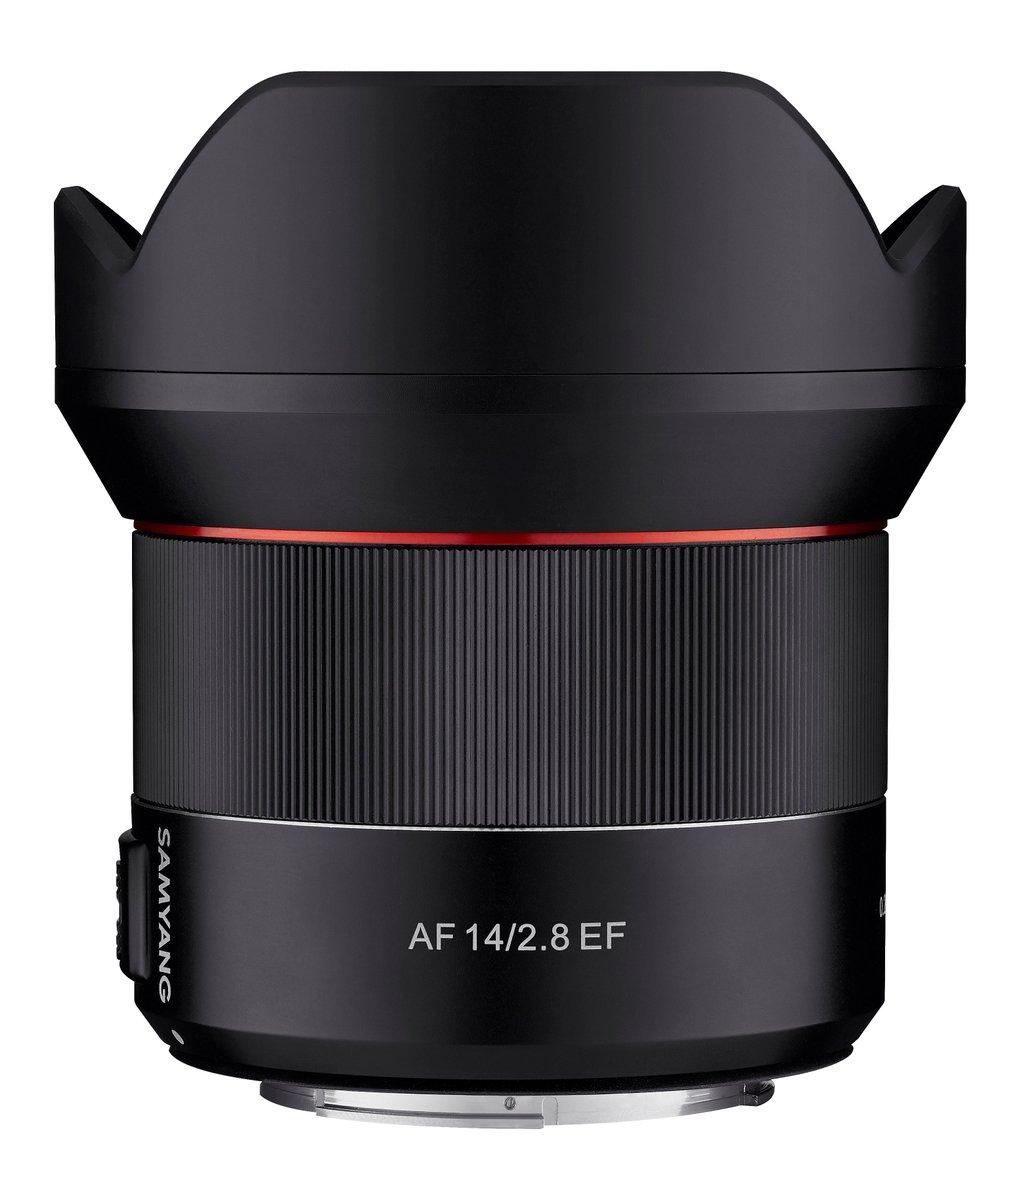 Samyang AF 14mm f/2.8 EF, вид сбоку